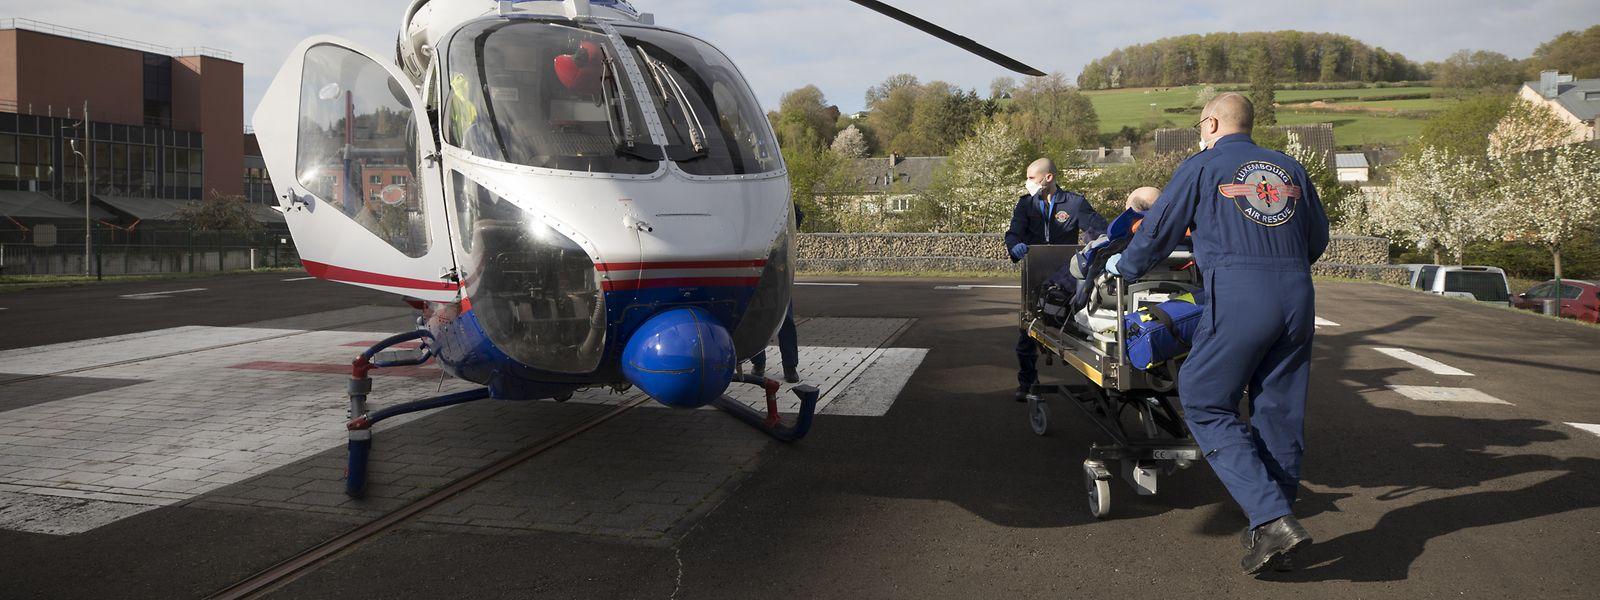 Die Luxembourg Air Rescue führte den Transport des Patienten durch.